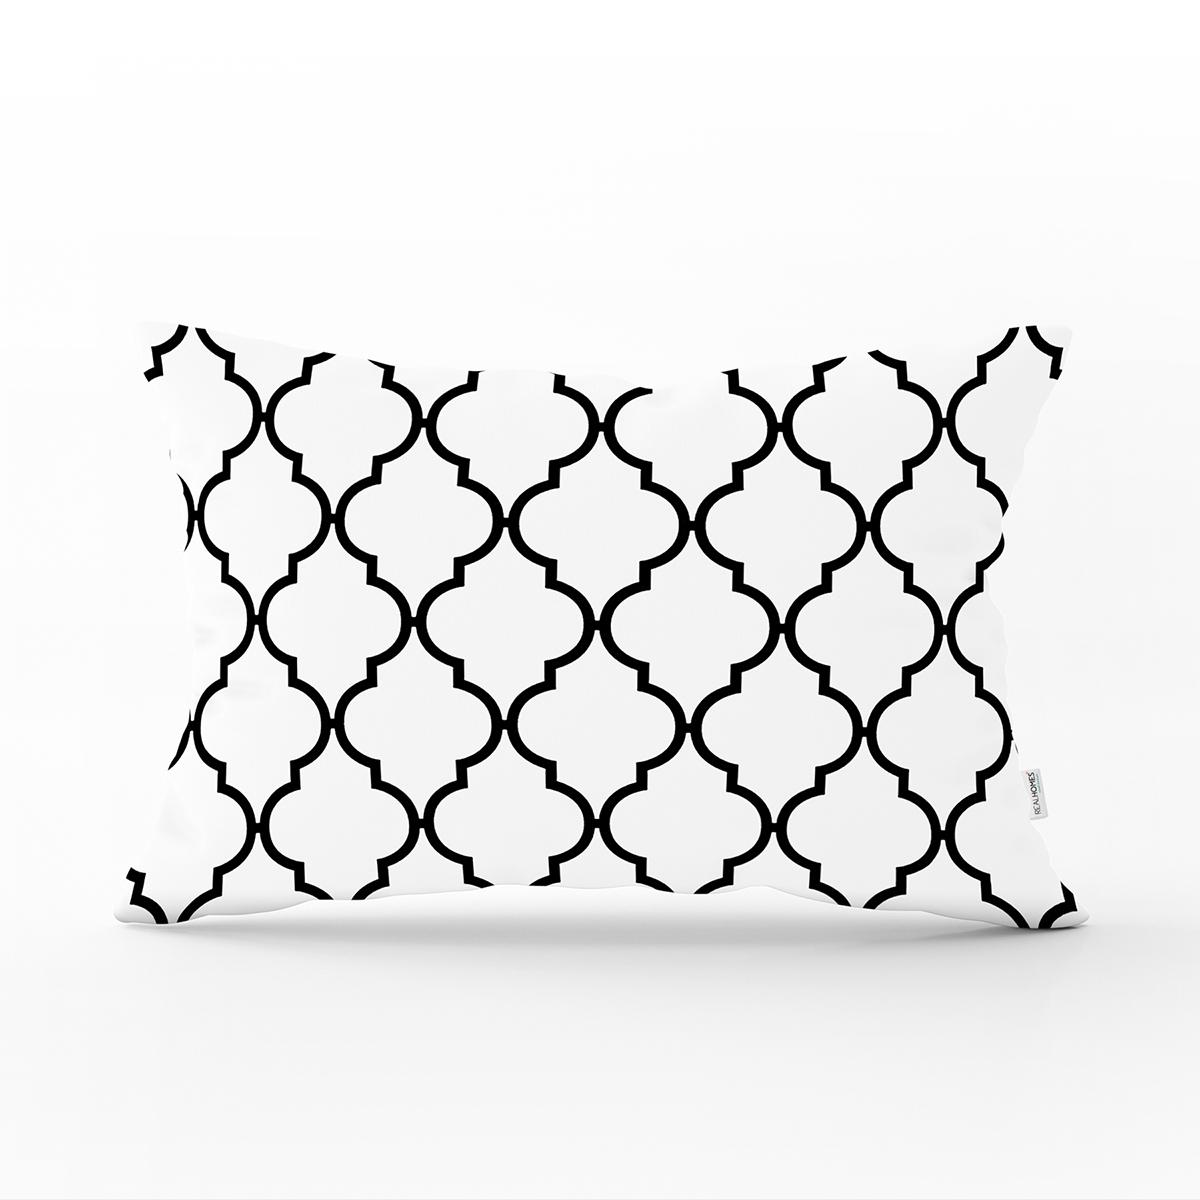 Siyah Beyaz Ogea Desenli Dekoratif Dikdörtgen Yastık Kırlent Kılıfı Realhomes